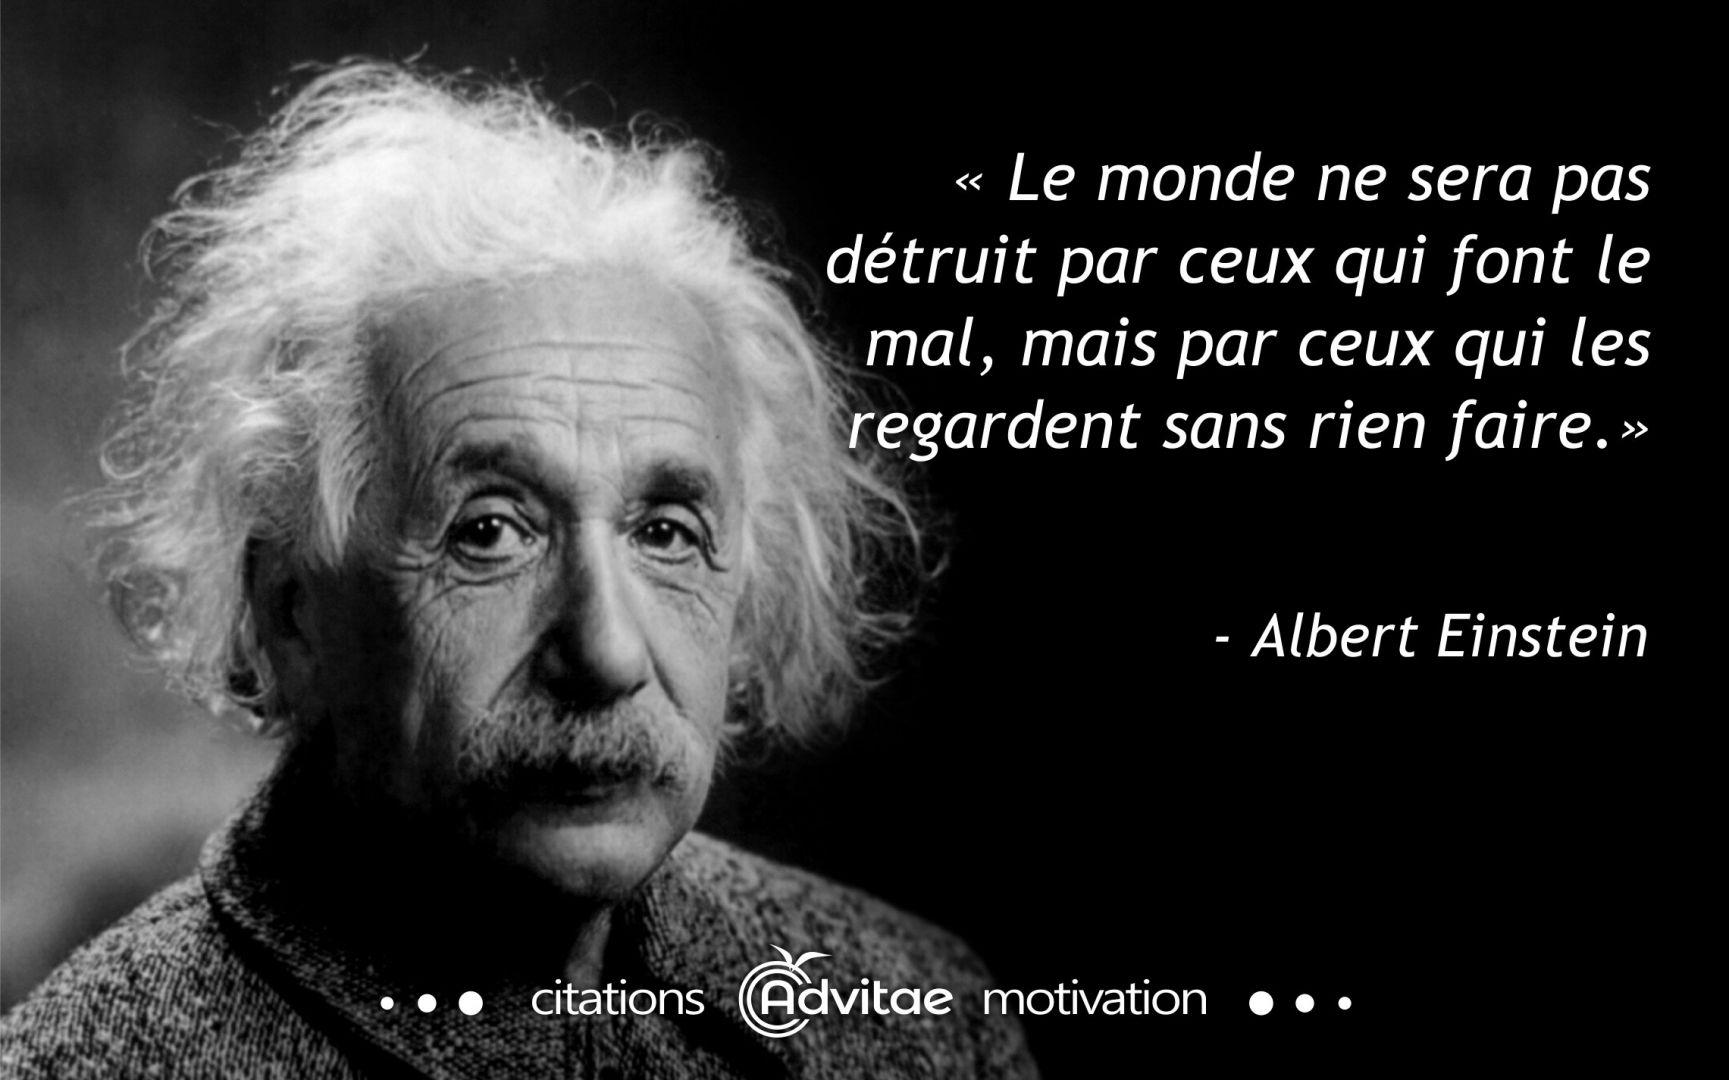 Einstein: Le monde ne sera pas détruit par ceux qui font le mal, mais par ceux qui les regardent faire